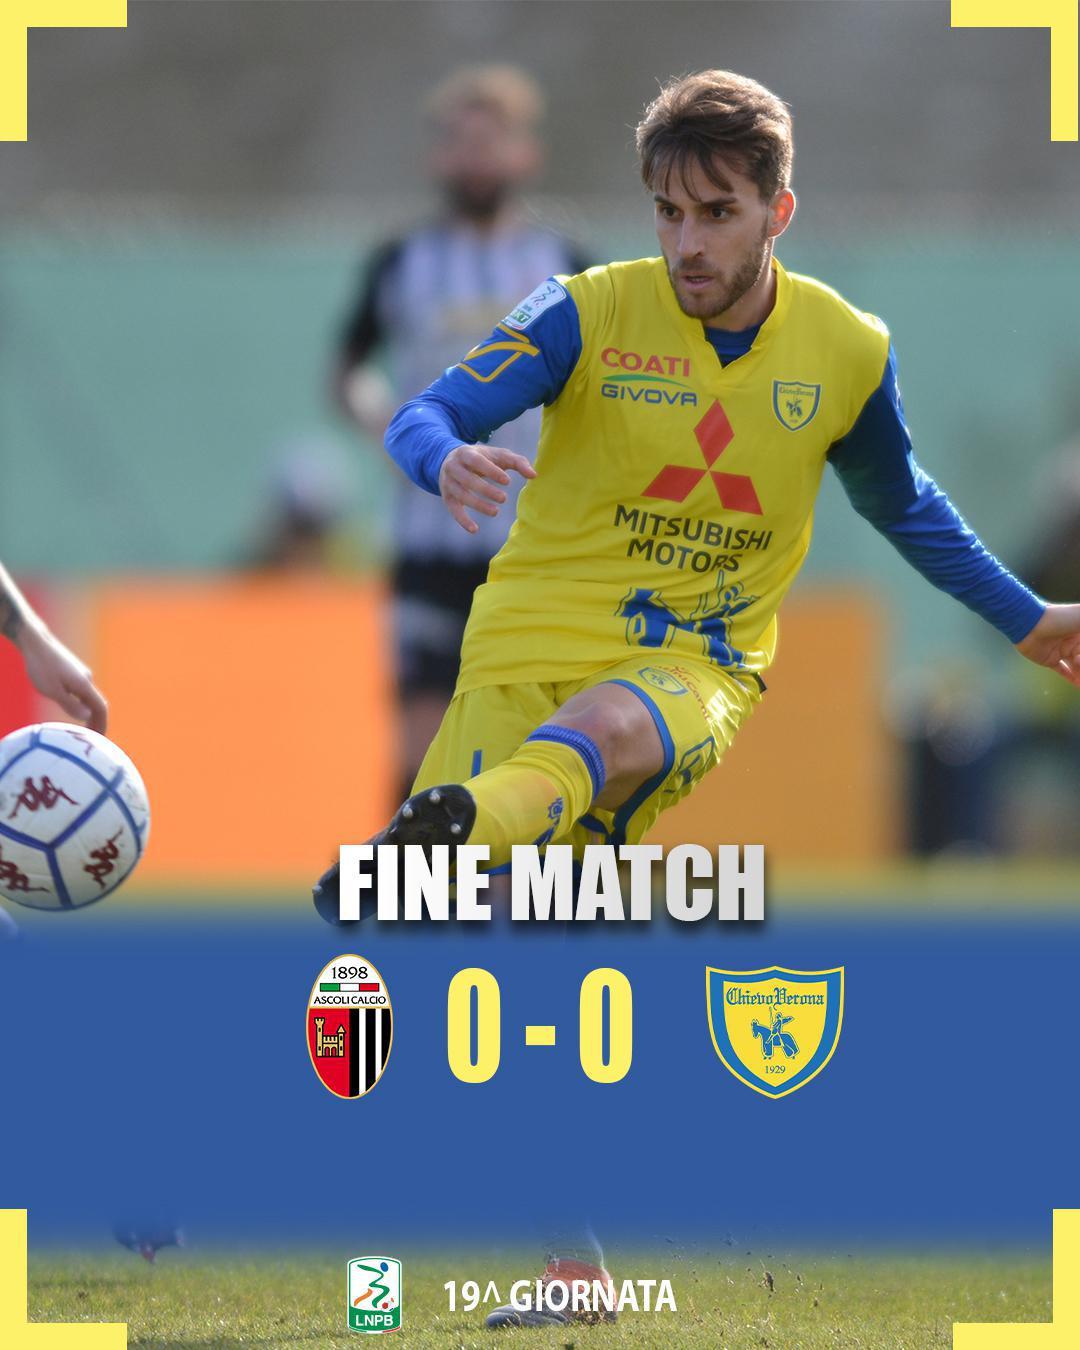 #AscoliChievo 0-0: il tabellino del match